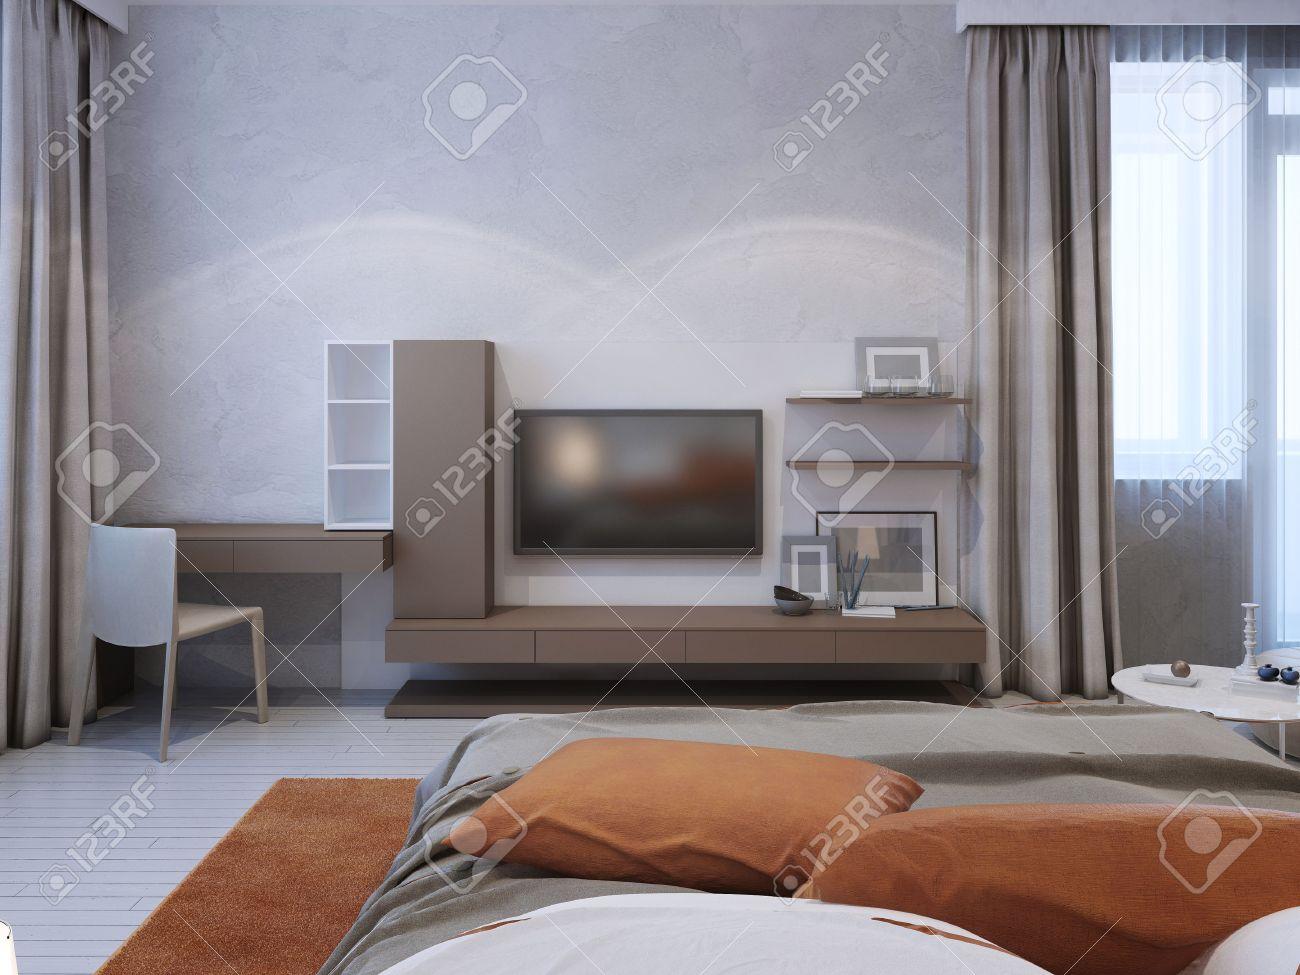 media parete colore taupe in camera da letto contemporaneo. 3d ... - Colori Pareti Interne Camera Da Letto